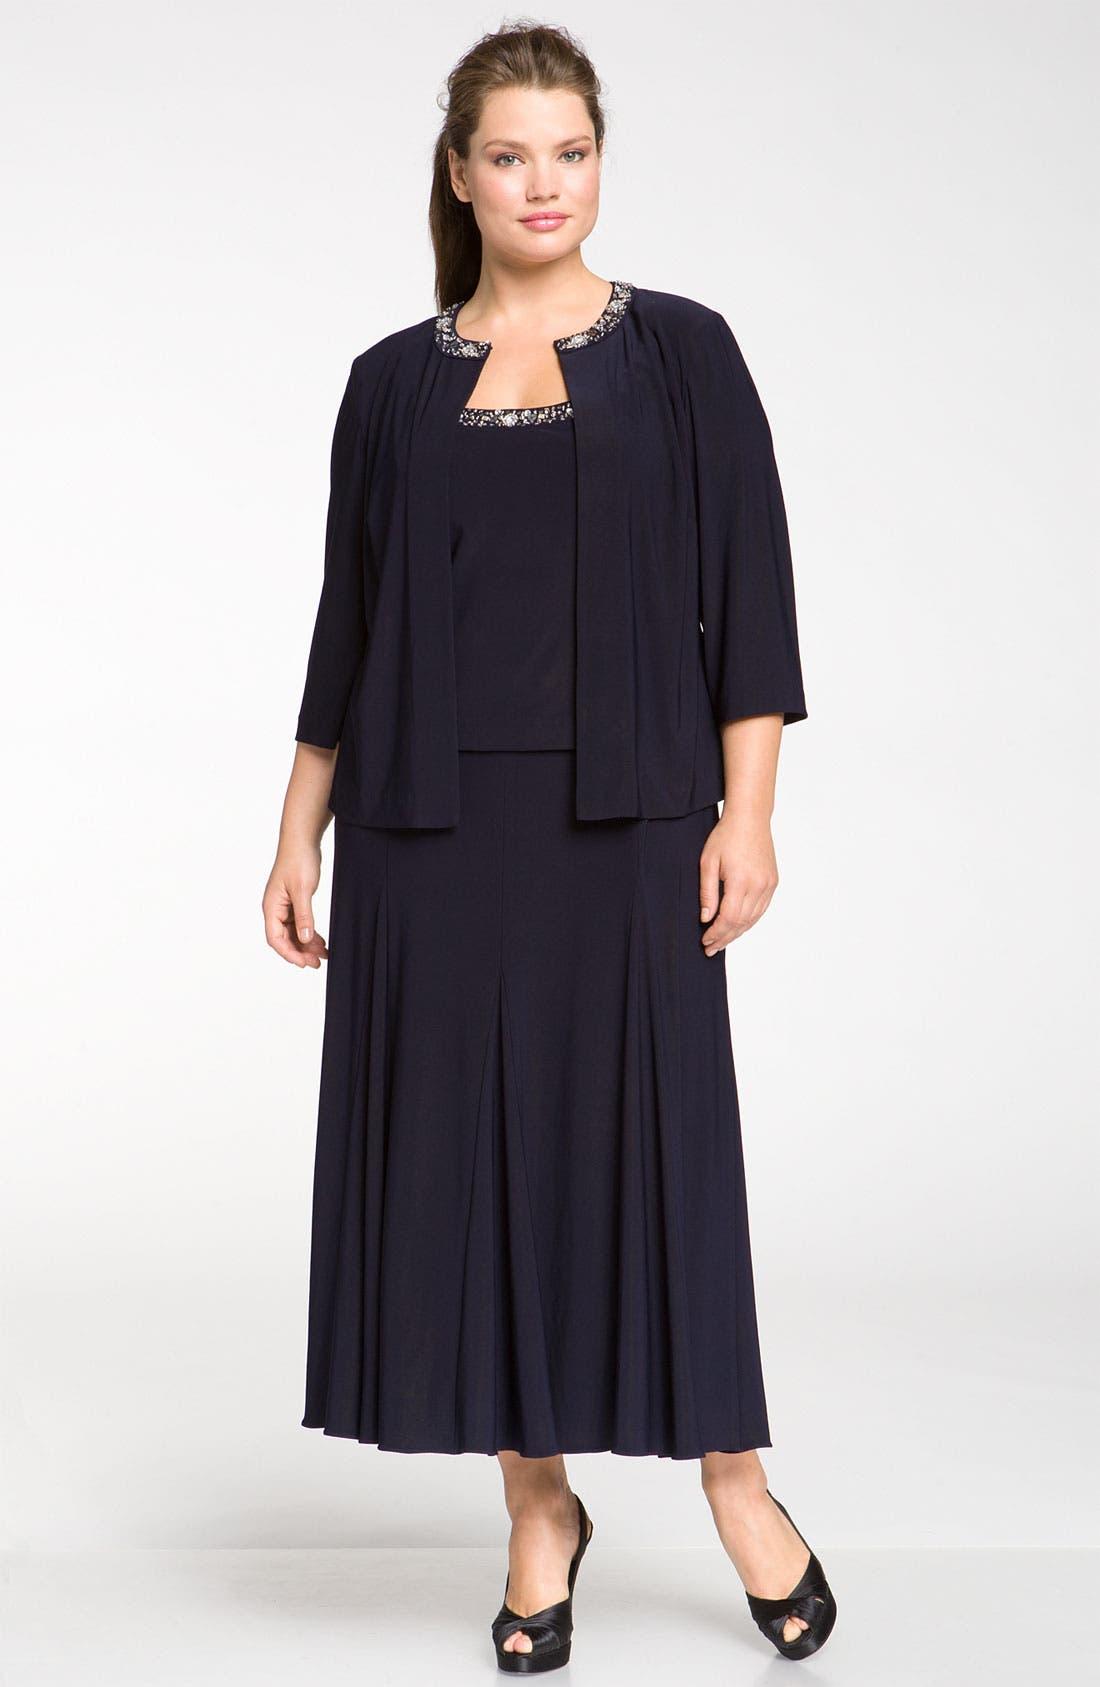 Alex plus size formal dresses